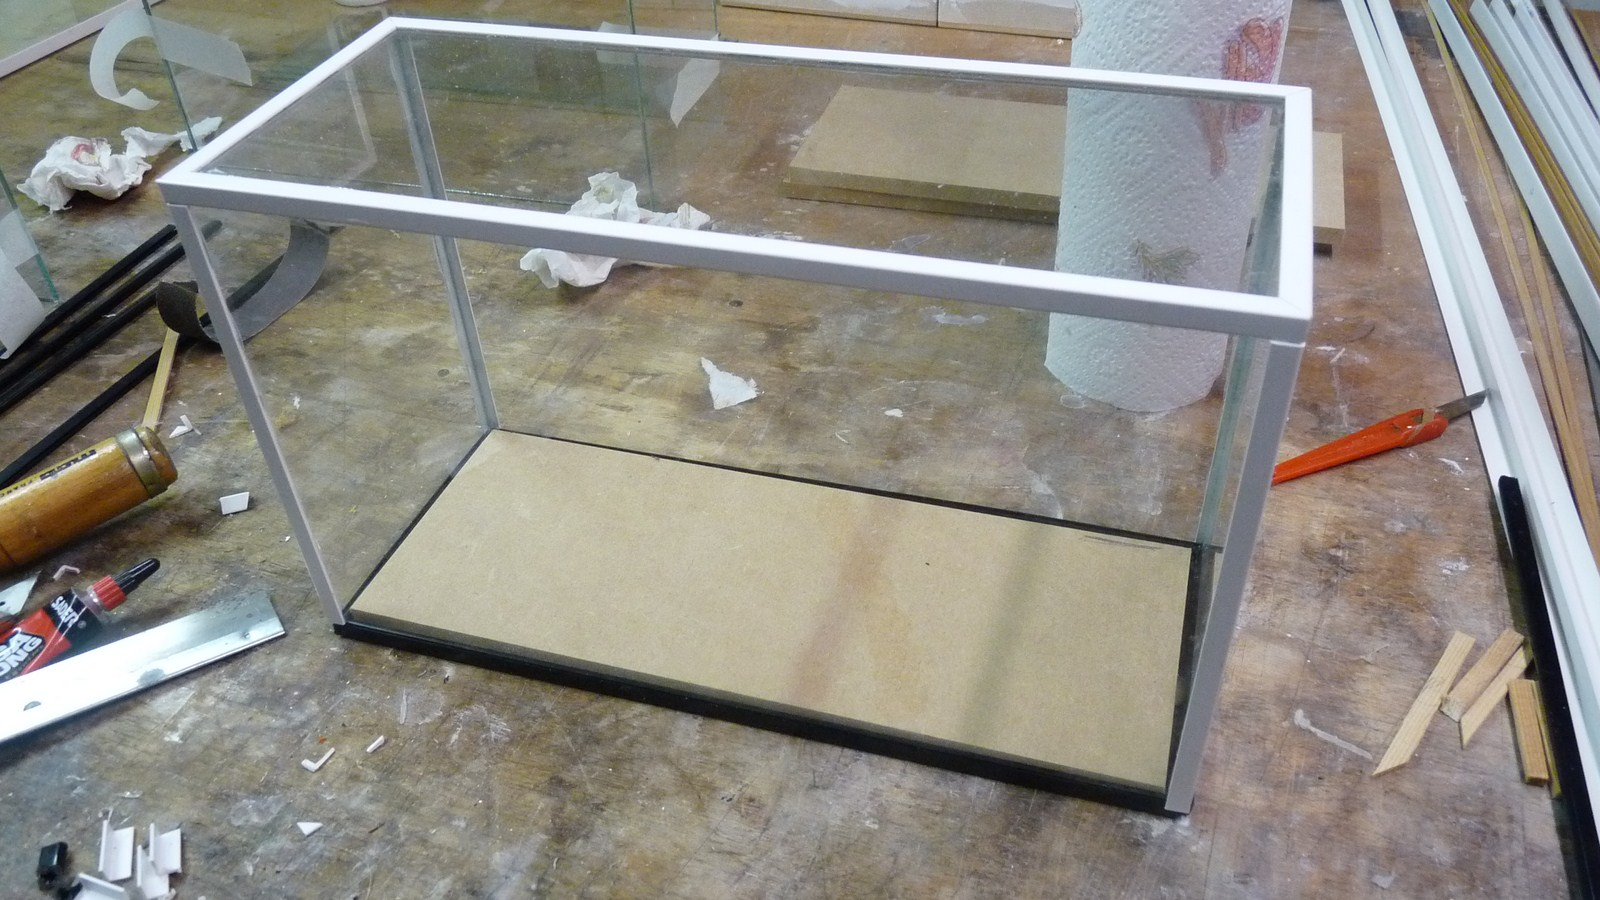 fabriquer une vitrine - Fabriquer ses propres vitrines en verre 17071907270323134915156556